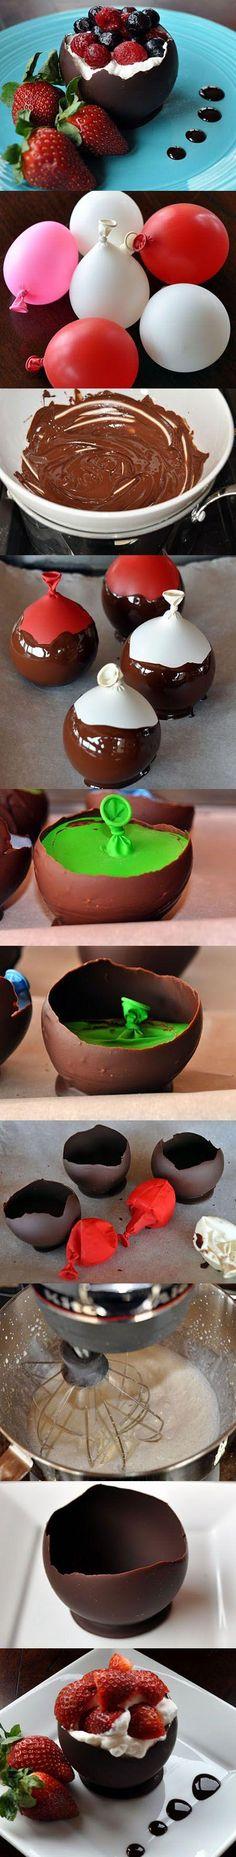 Pomysł na czekoladowy półmisek - instrukcja